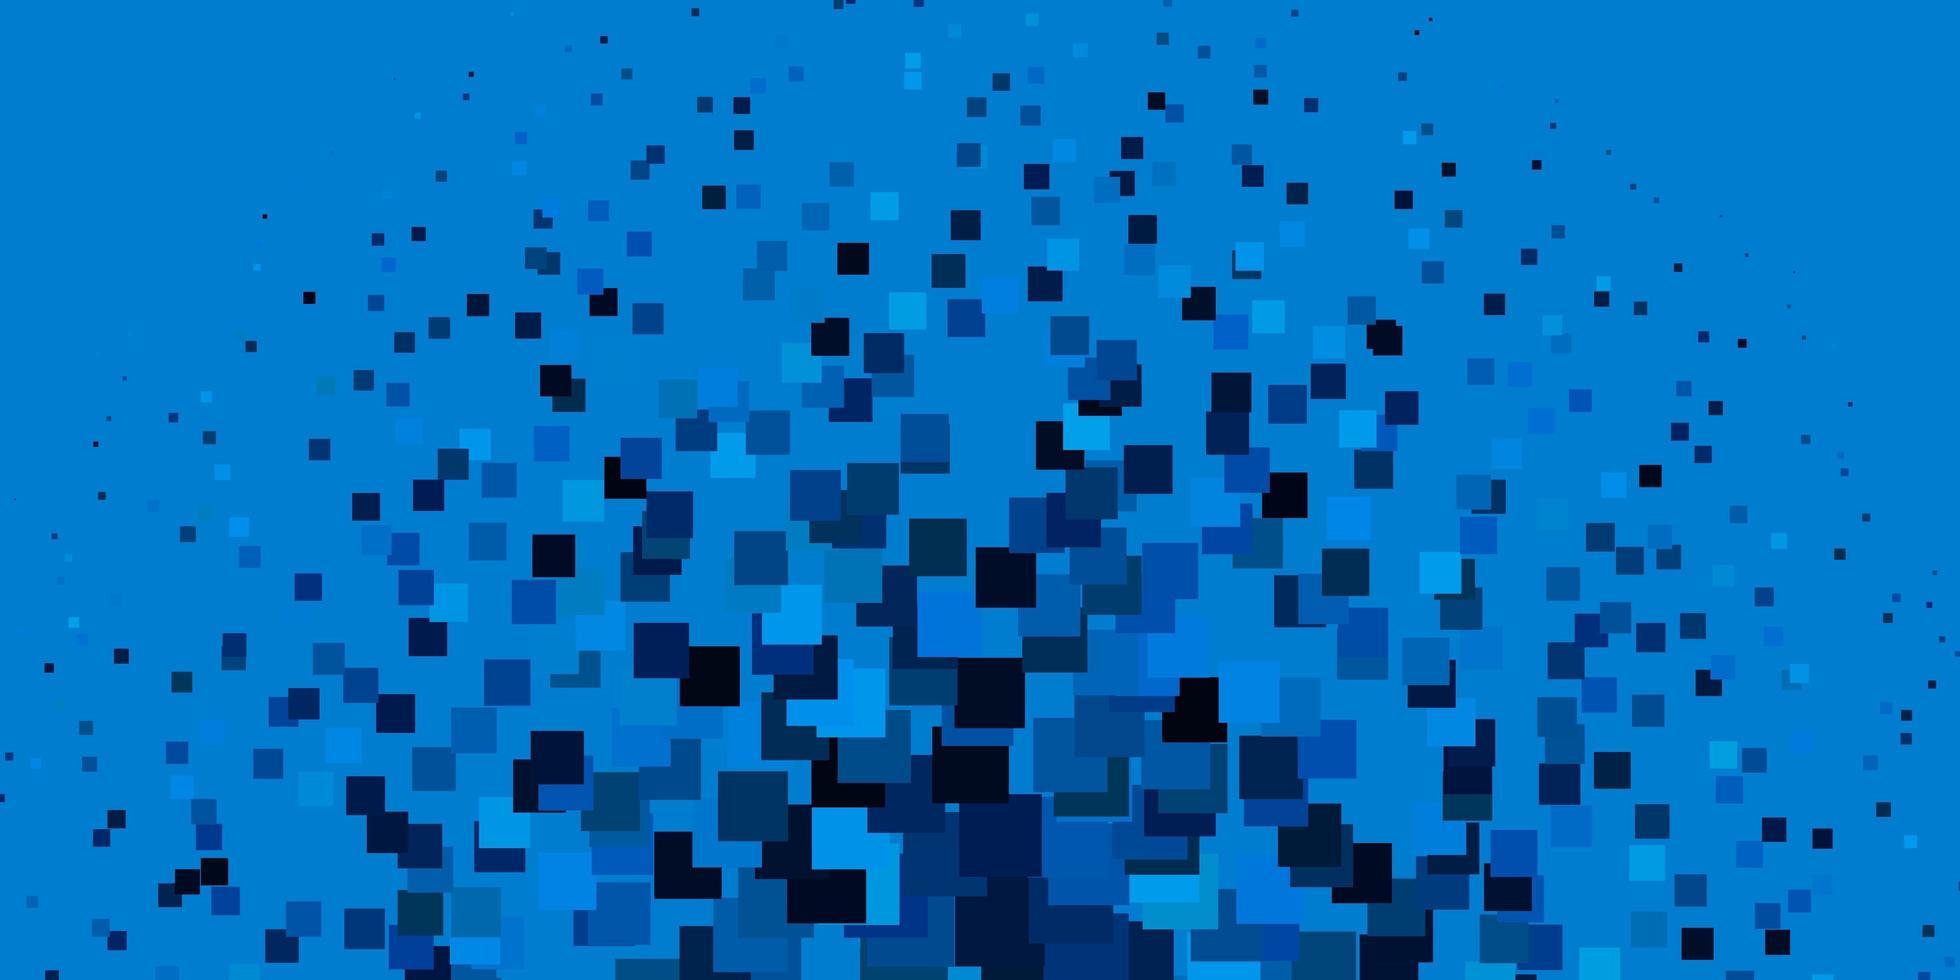 blå bakgrund i polygonal stil. vektor